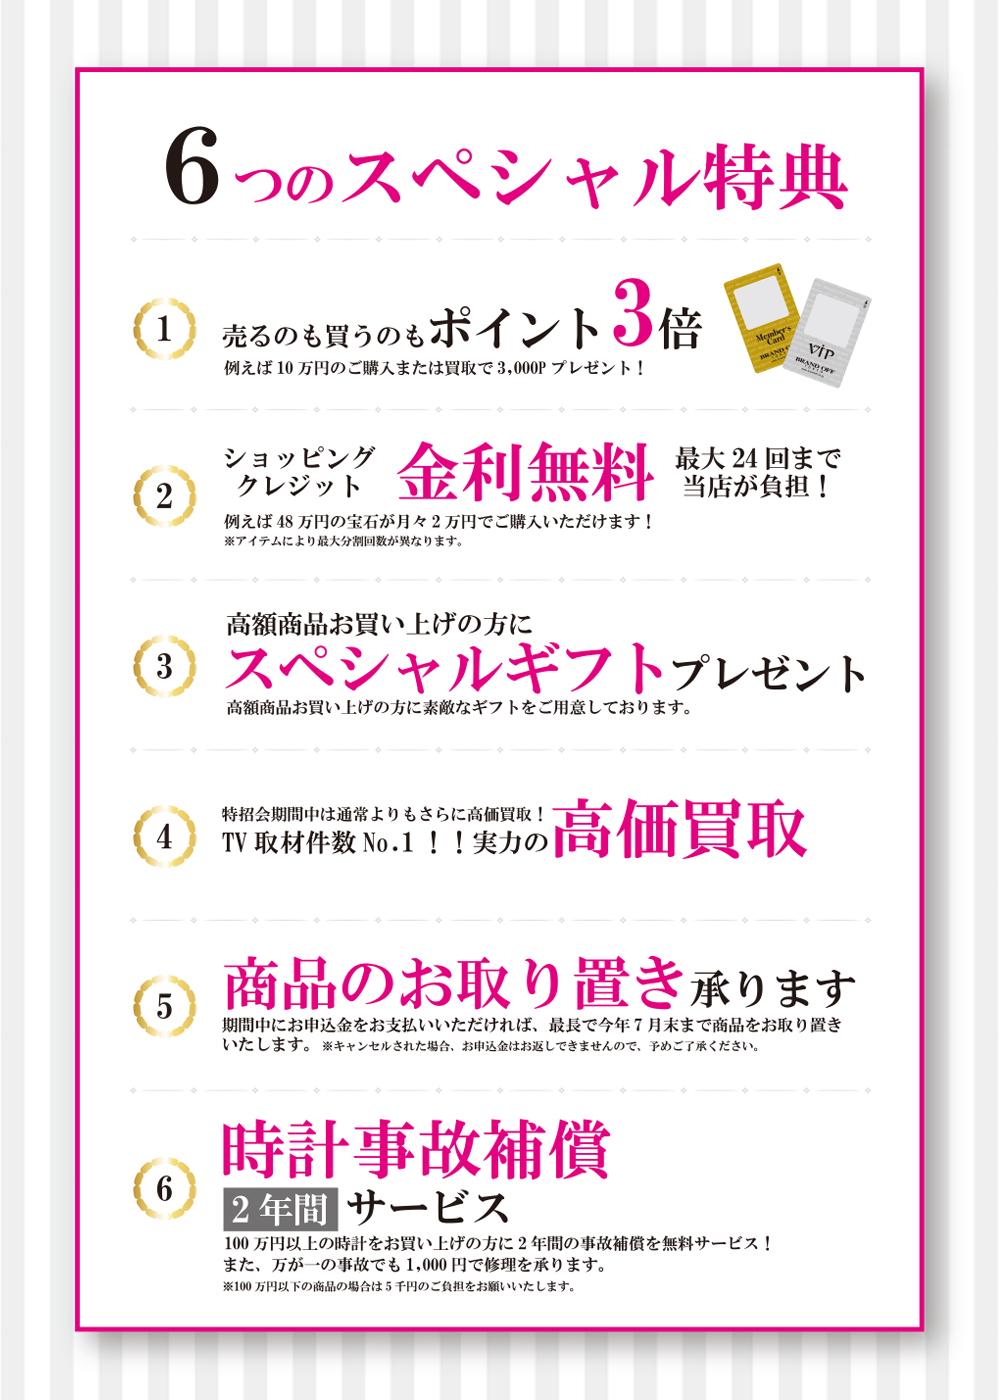 6つのスペシャル特典01